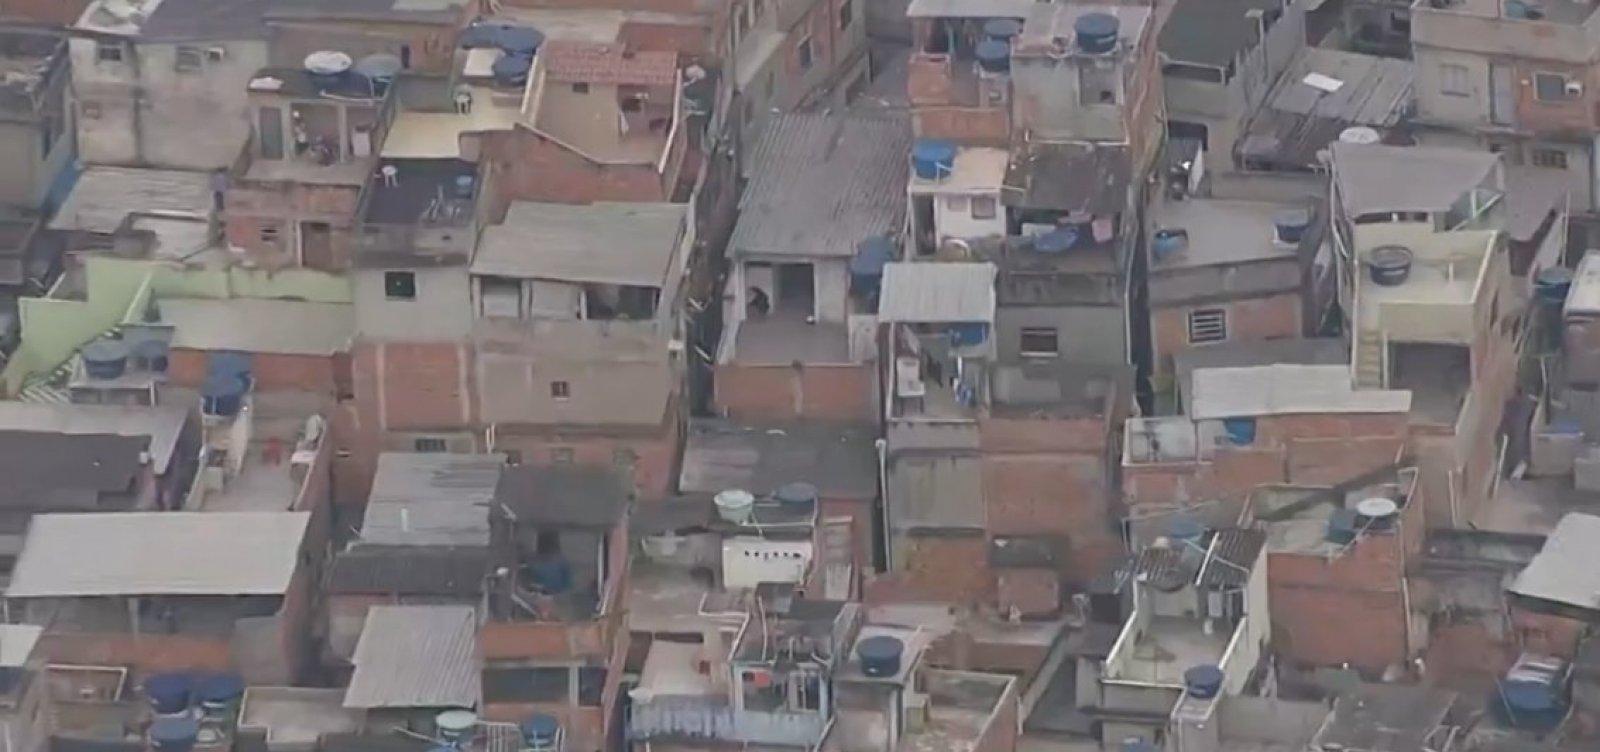 Jacarezinho: 24 corpos de suspeitos foram removidos sem perícia, apontam registros